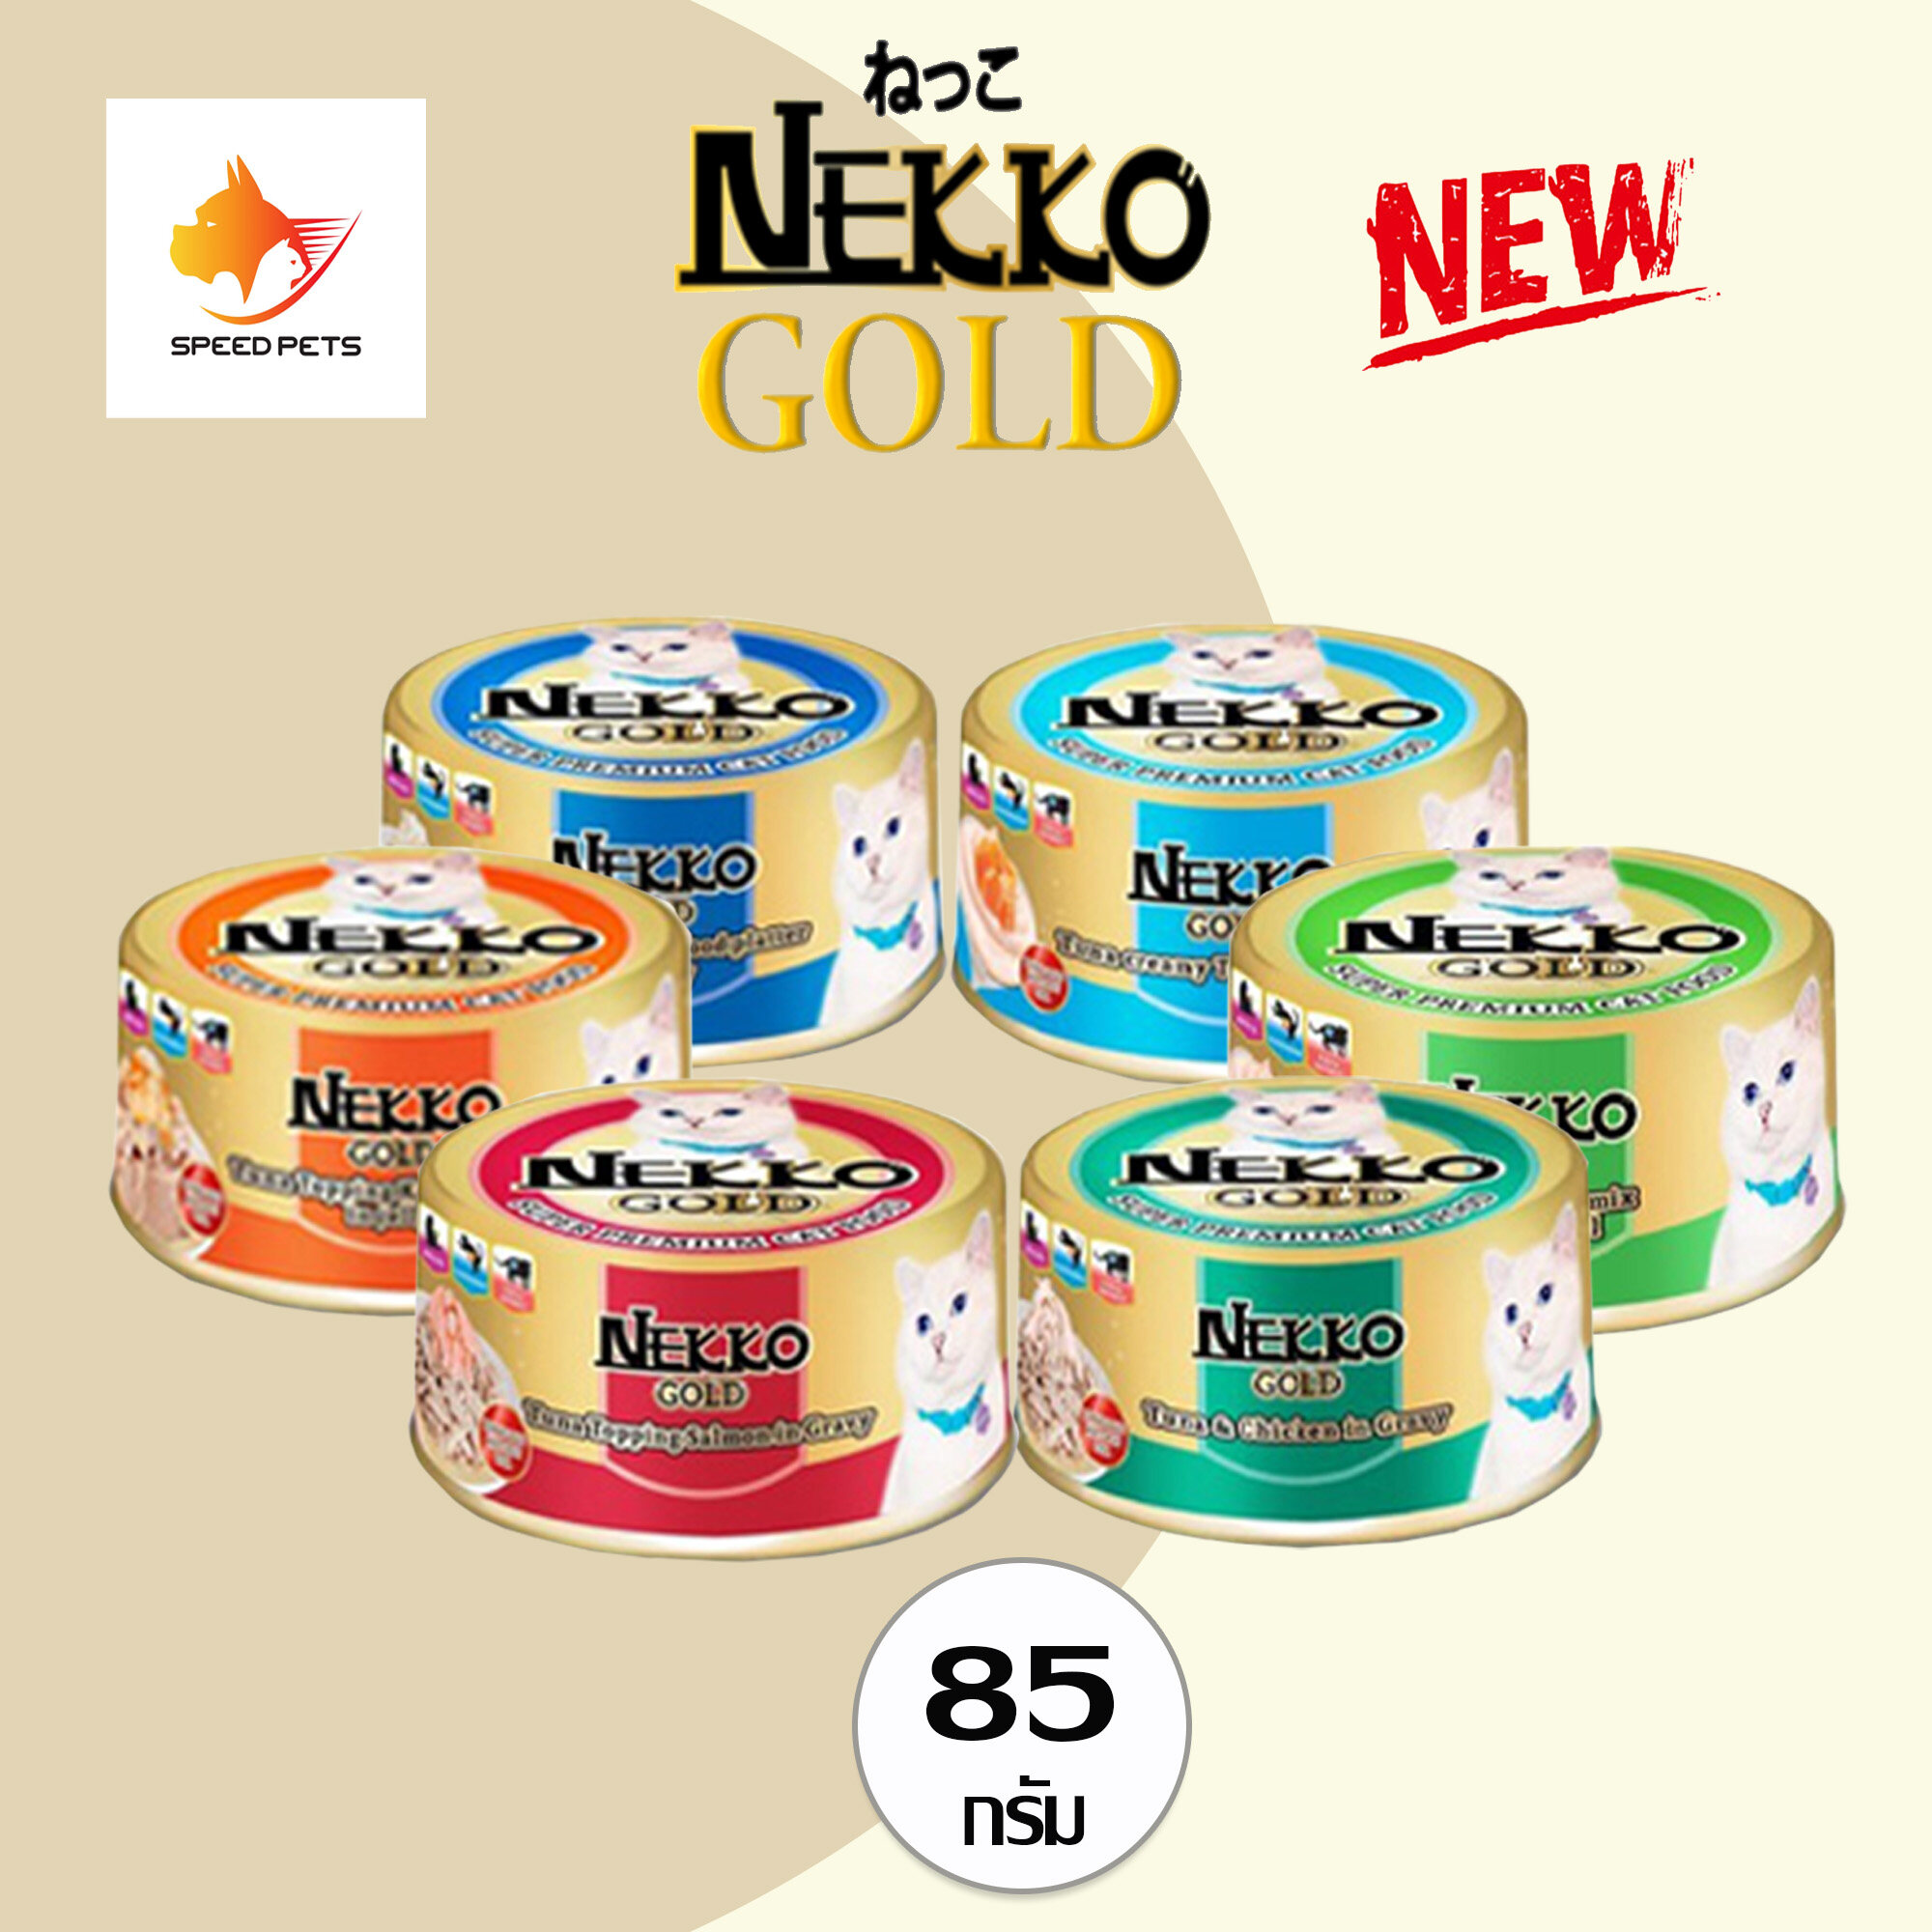 Nekko Gold เน็กโกะ โกลด์ อาหารแมวกระป๋องสำเร็จรูปขนิดเปียก 85กรัม 1 กระป๋อง.